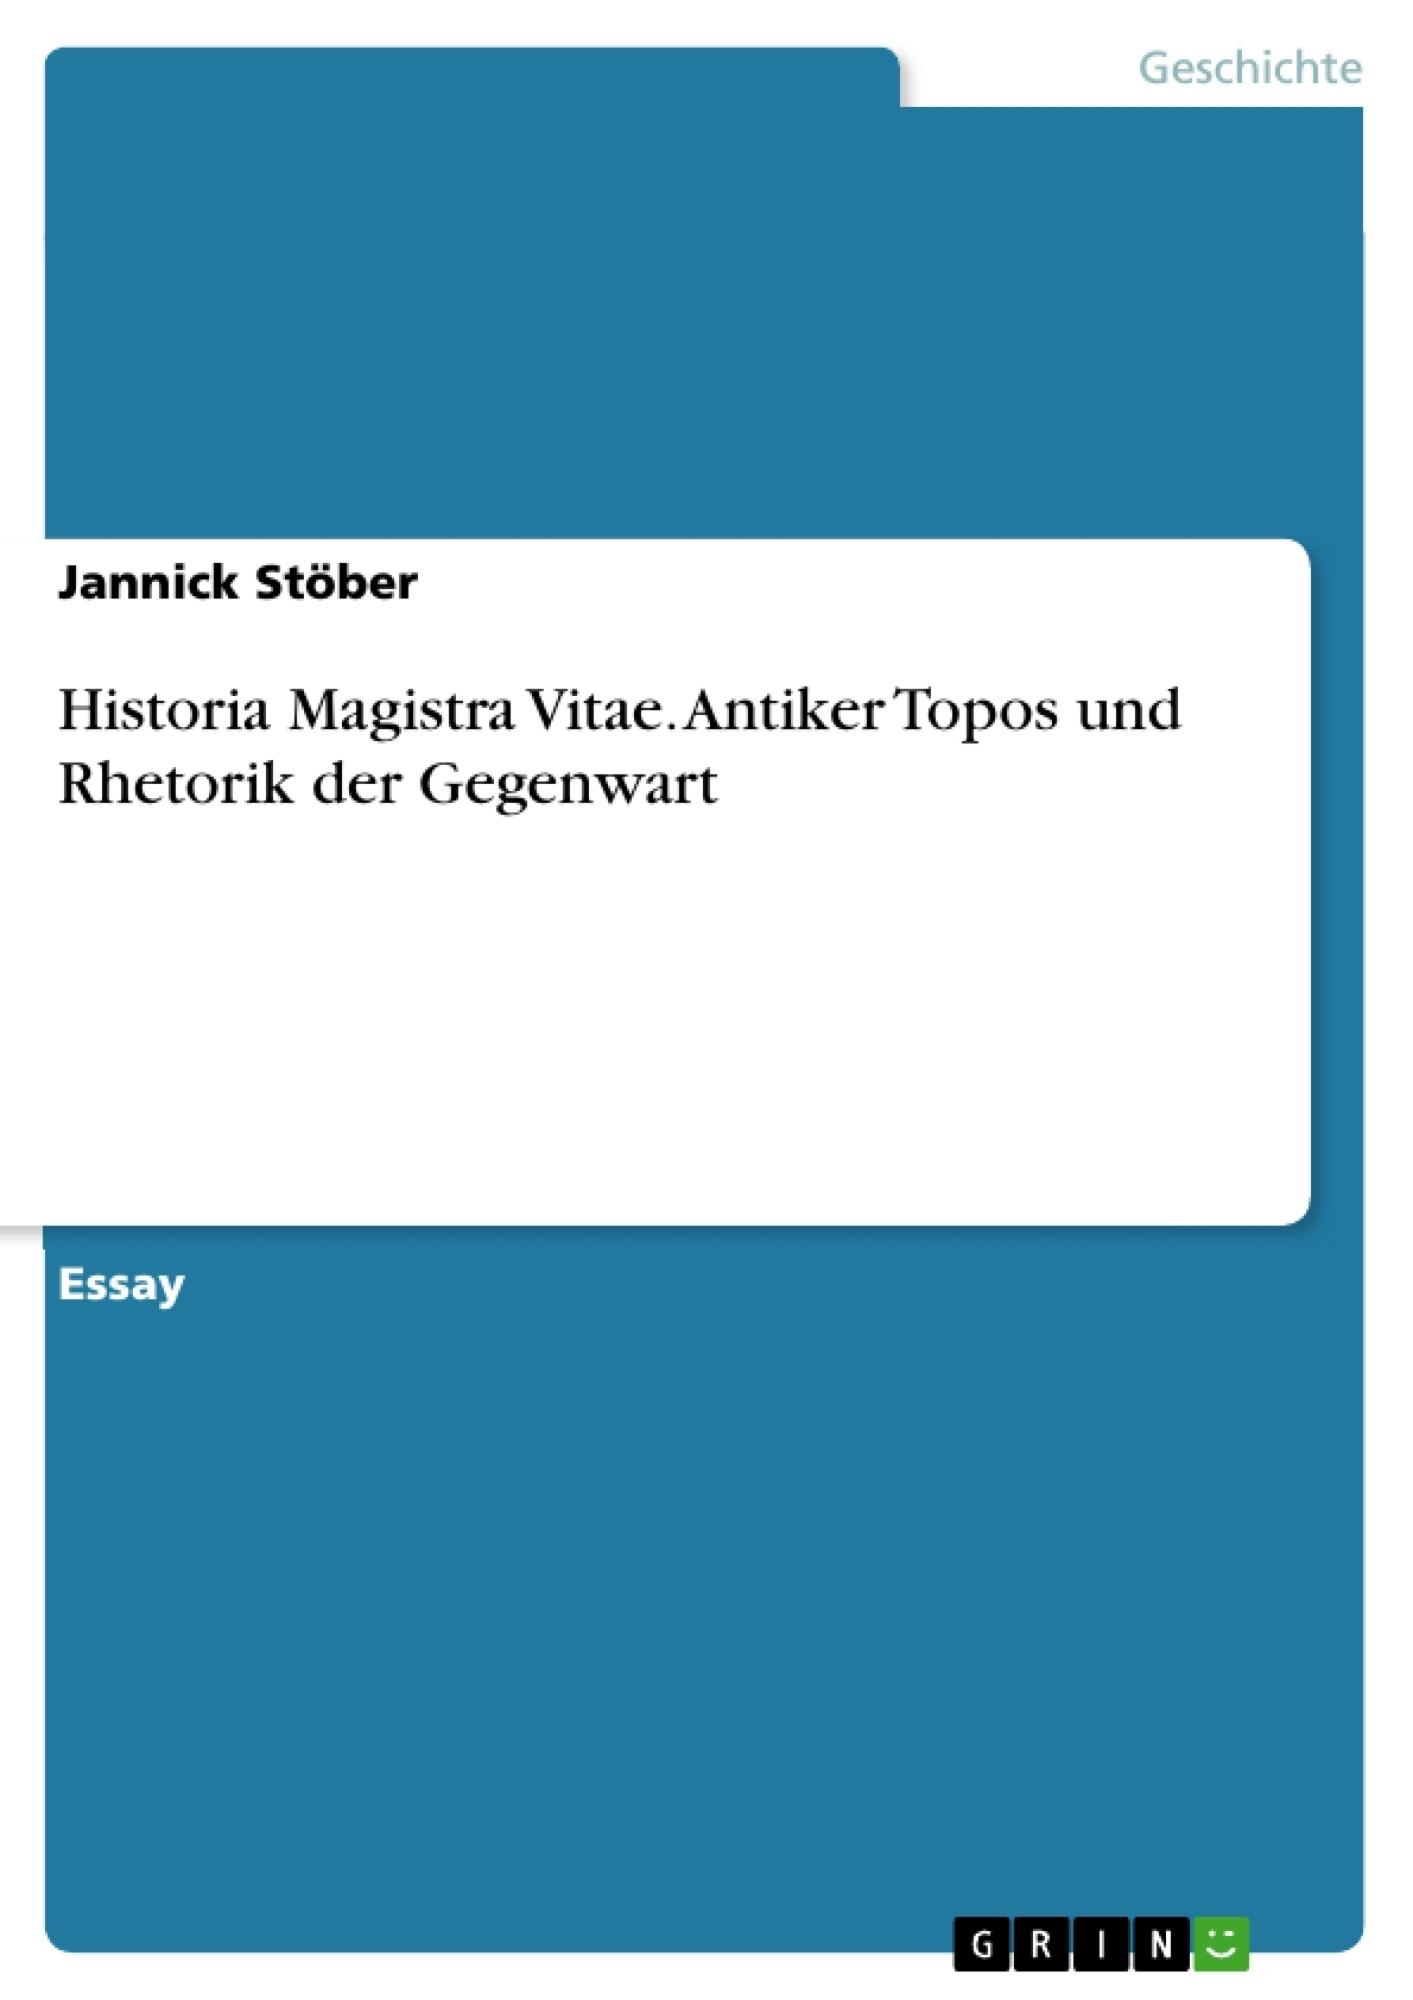 Titel: Historia Magistra Vitae. Antiker Topos und Rhetorik der Gegenwart